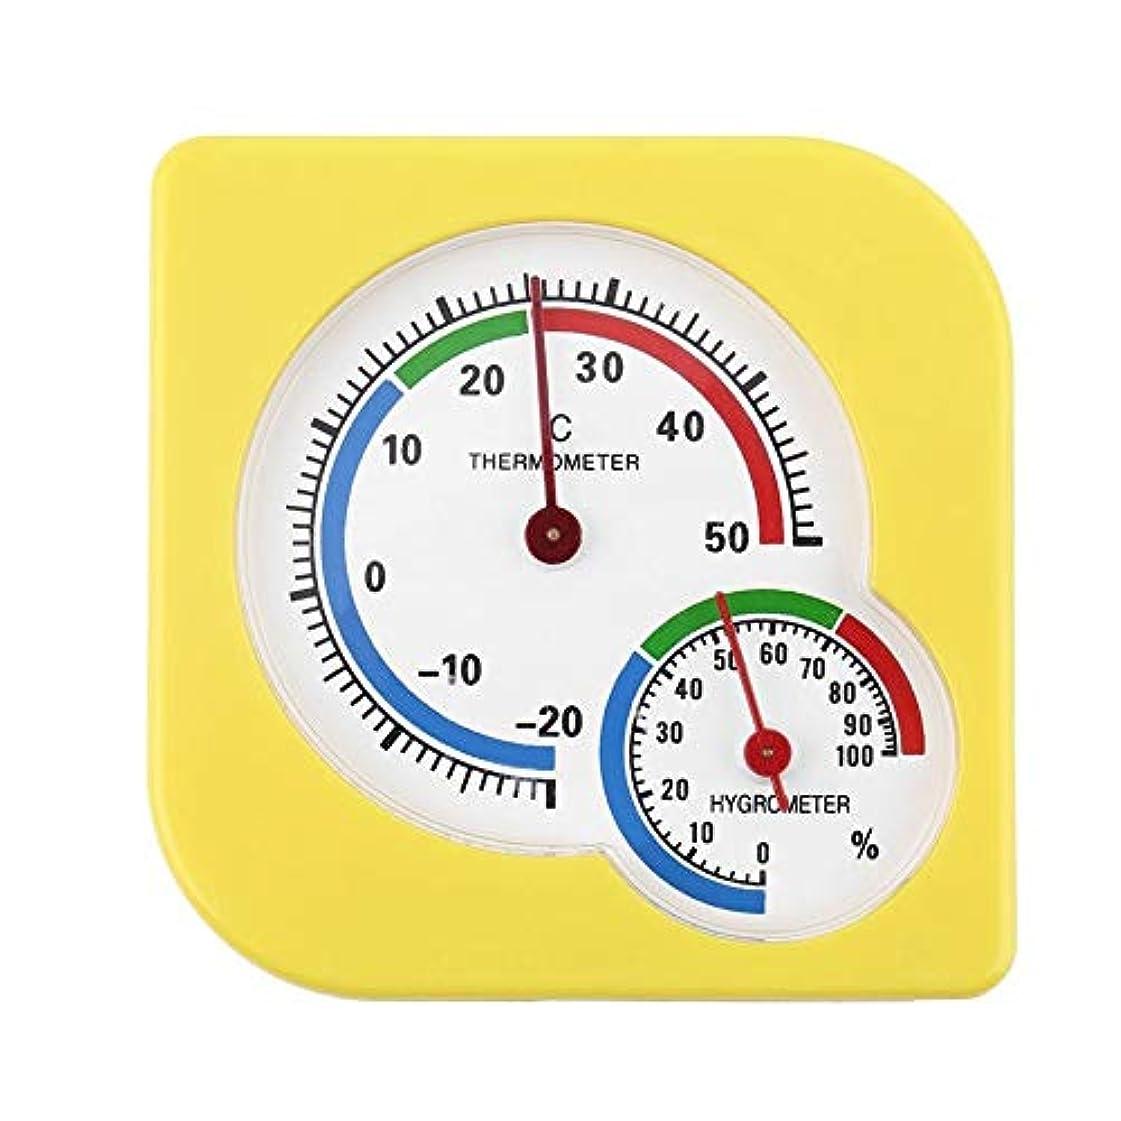 出会いつま先ピンチWS-A7機械式湿度計屋内屋外ミニ湿度計湿度温度計温度測定ツール-黄色